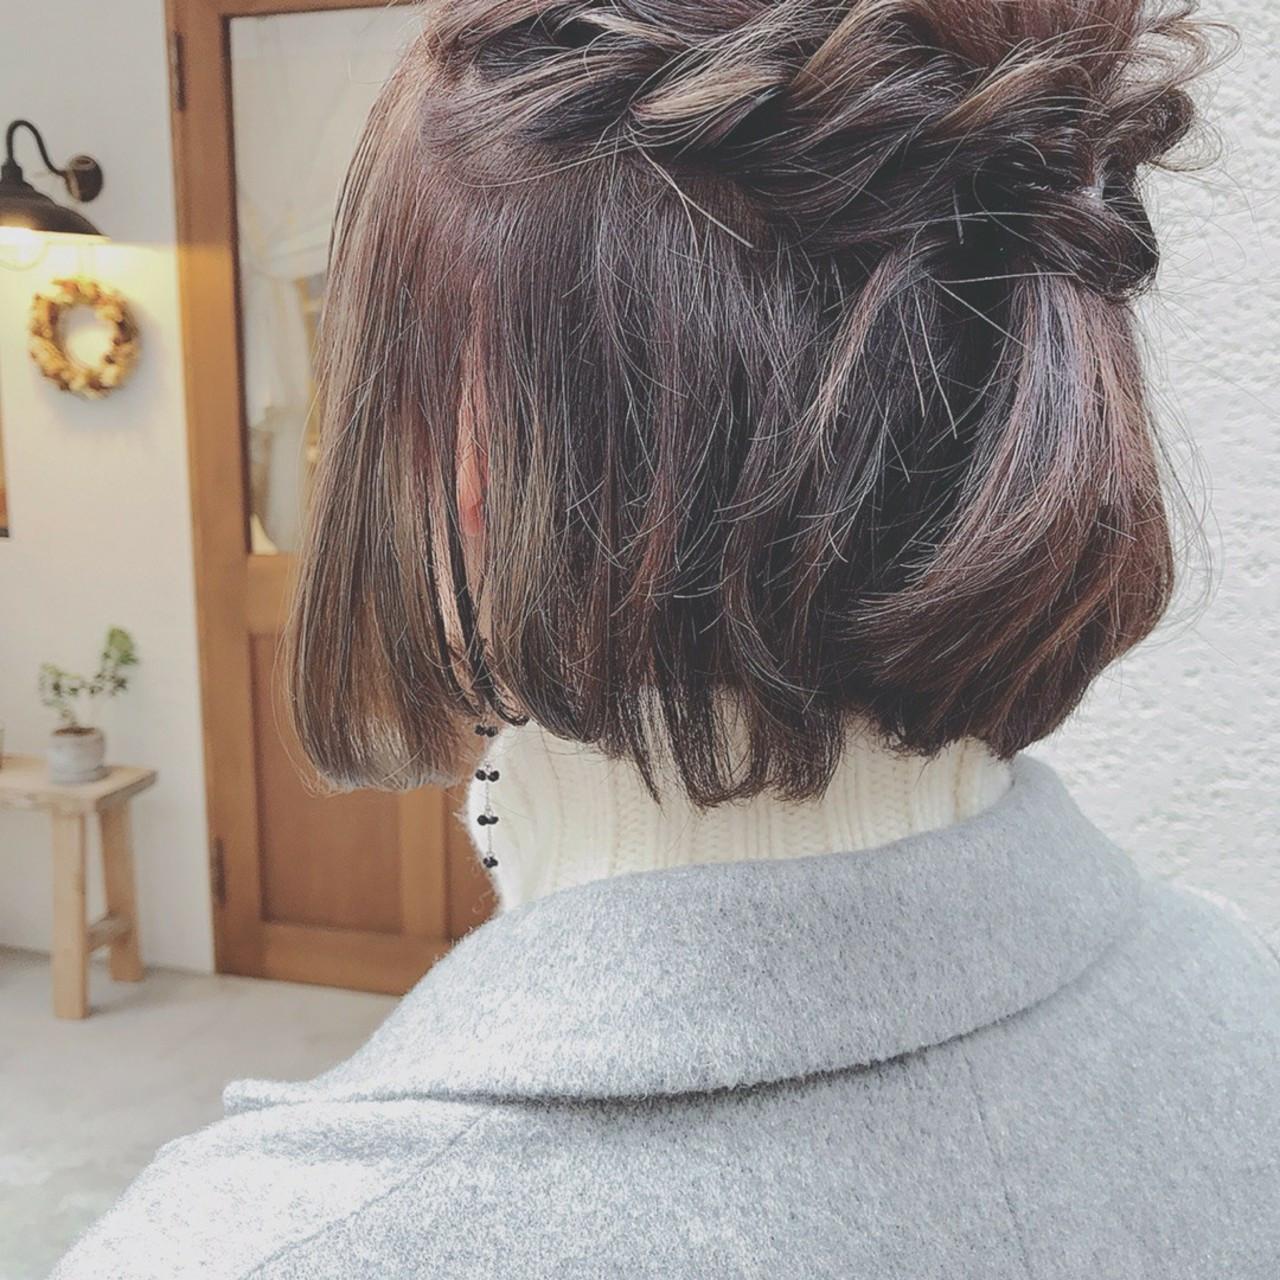 大人かわいい ボブ フェミニン 簡単ヘアアレンジ ヘアスタイルや髪型の写真・画像